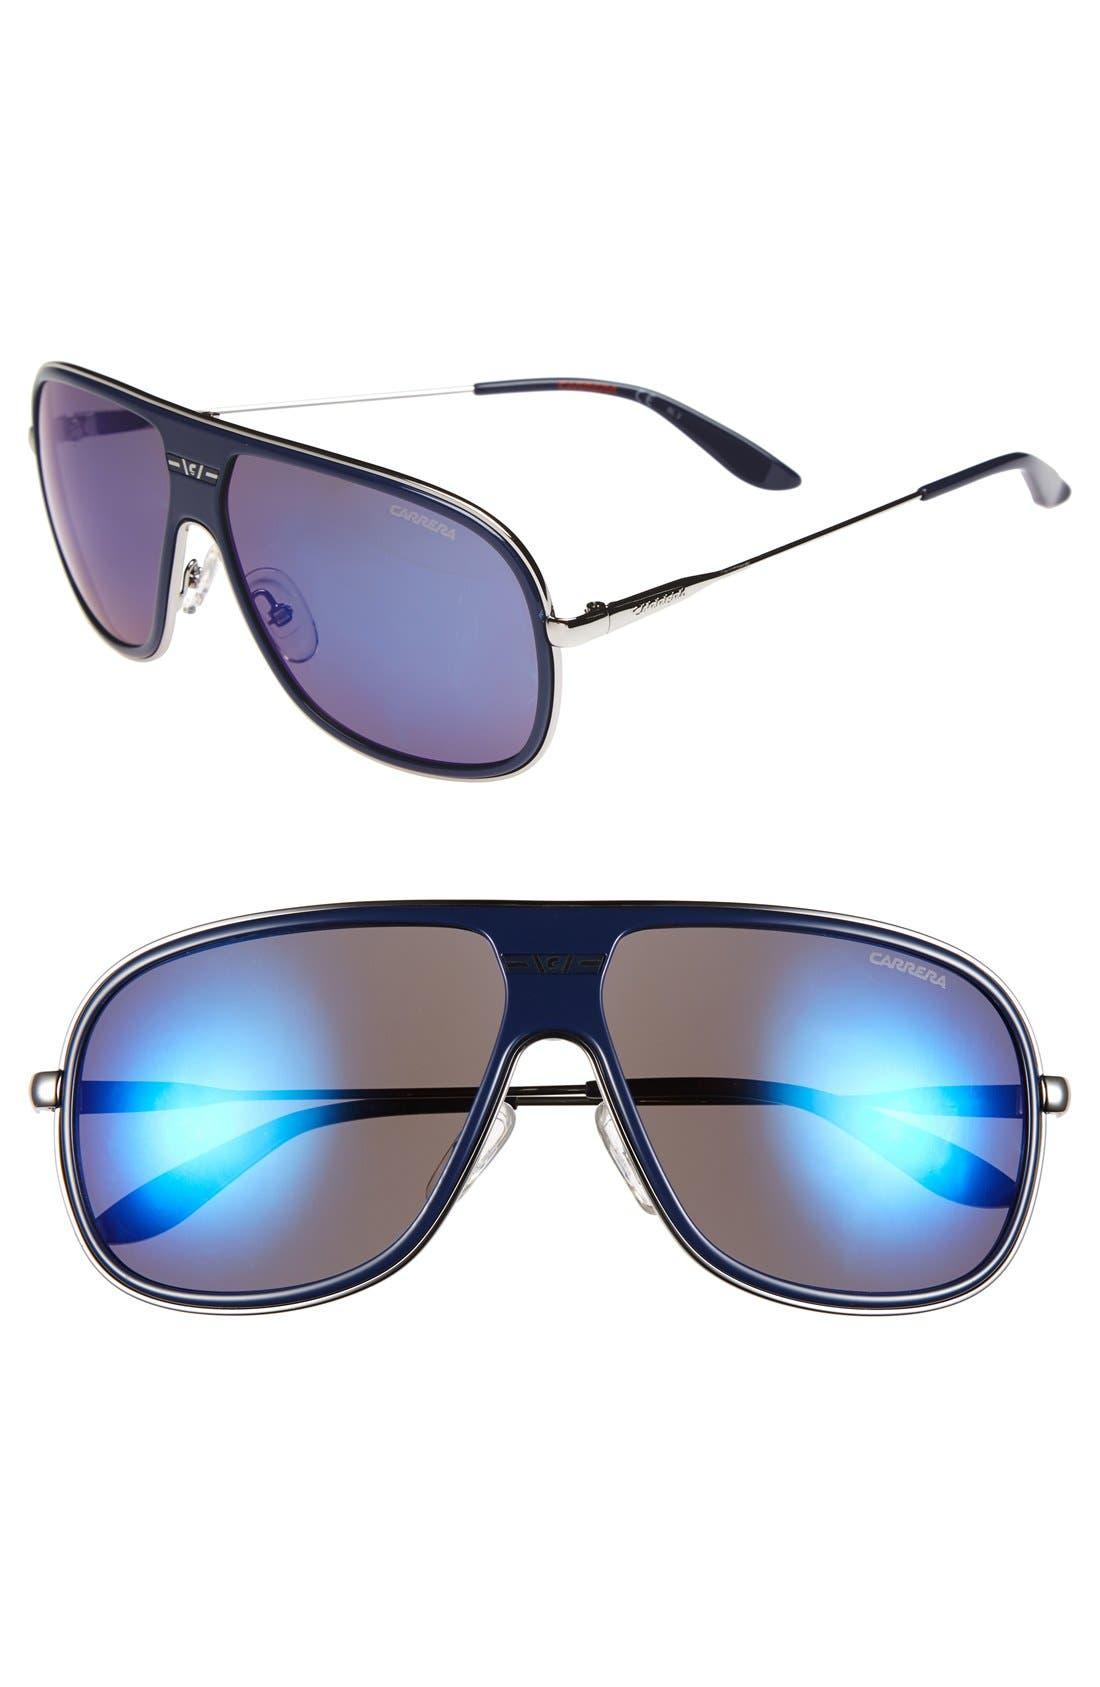 62mm Aviator Sunglasses,                         Main,                         color, Blue